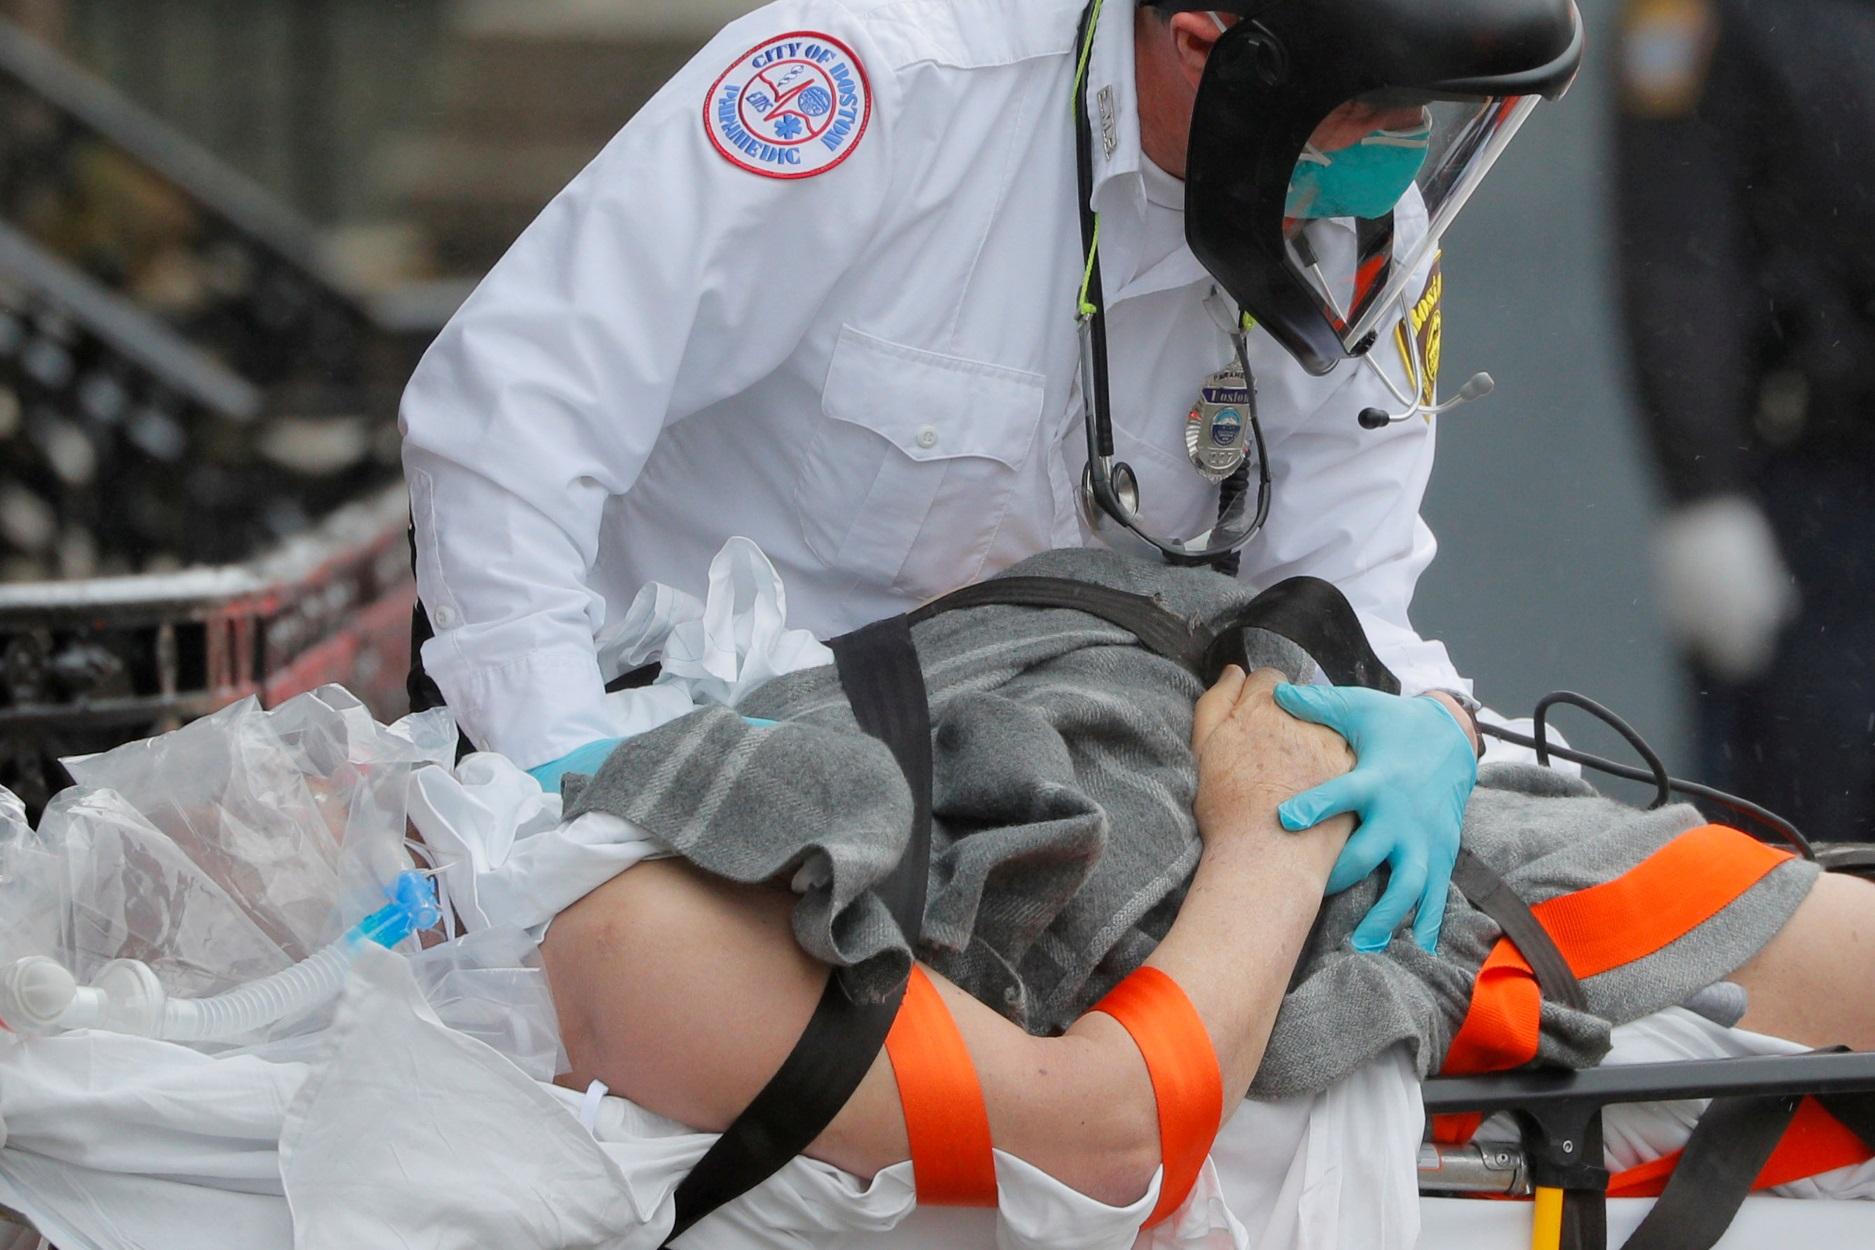 ΗΠΑ: Νέο σοκ! 181.000 κρούσματα και 1.110 θάνατοι το τελευταίο 24ωρο